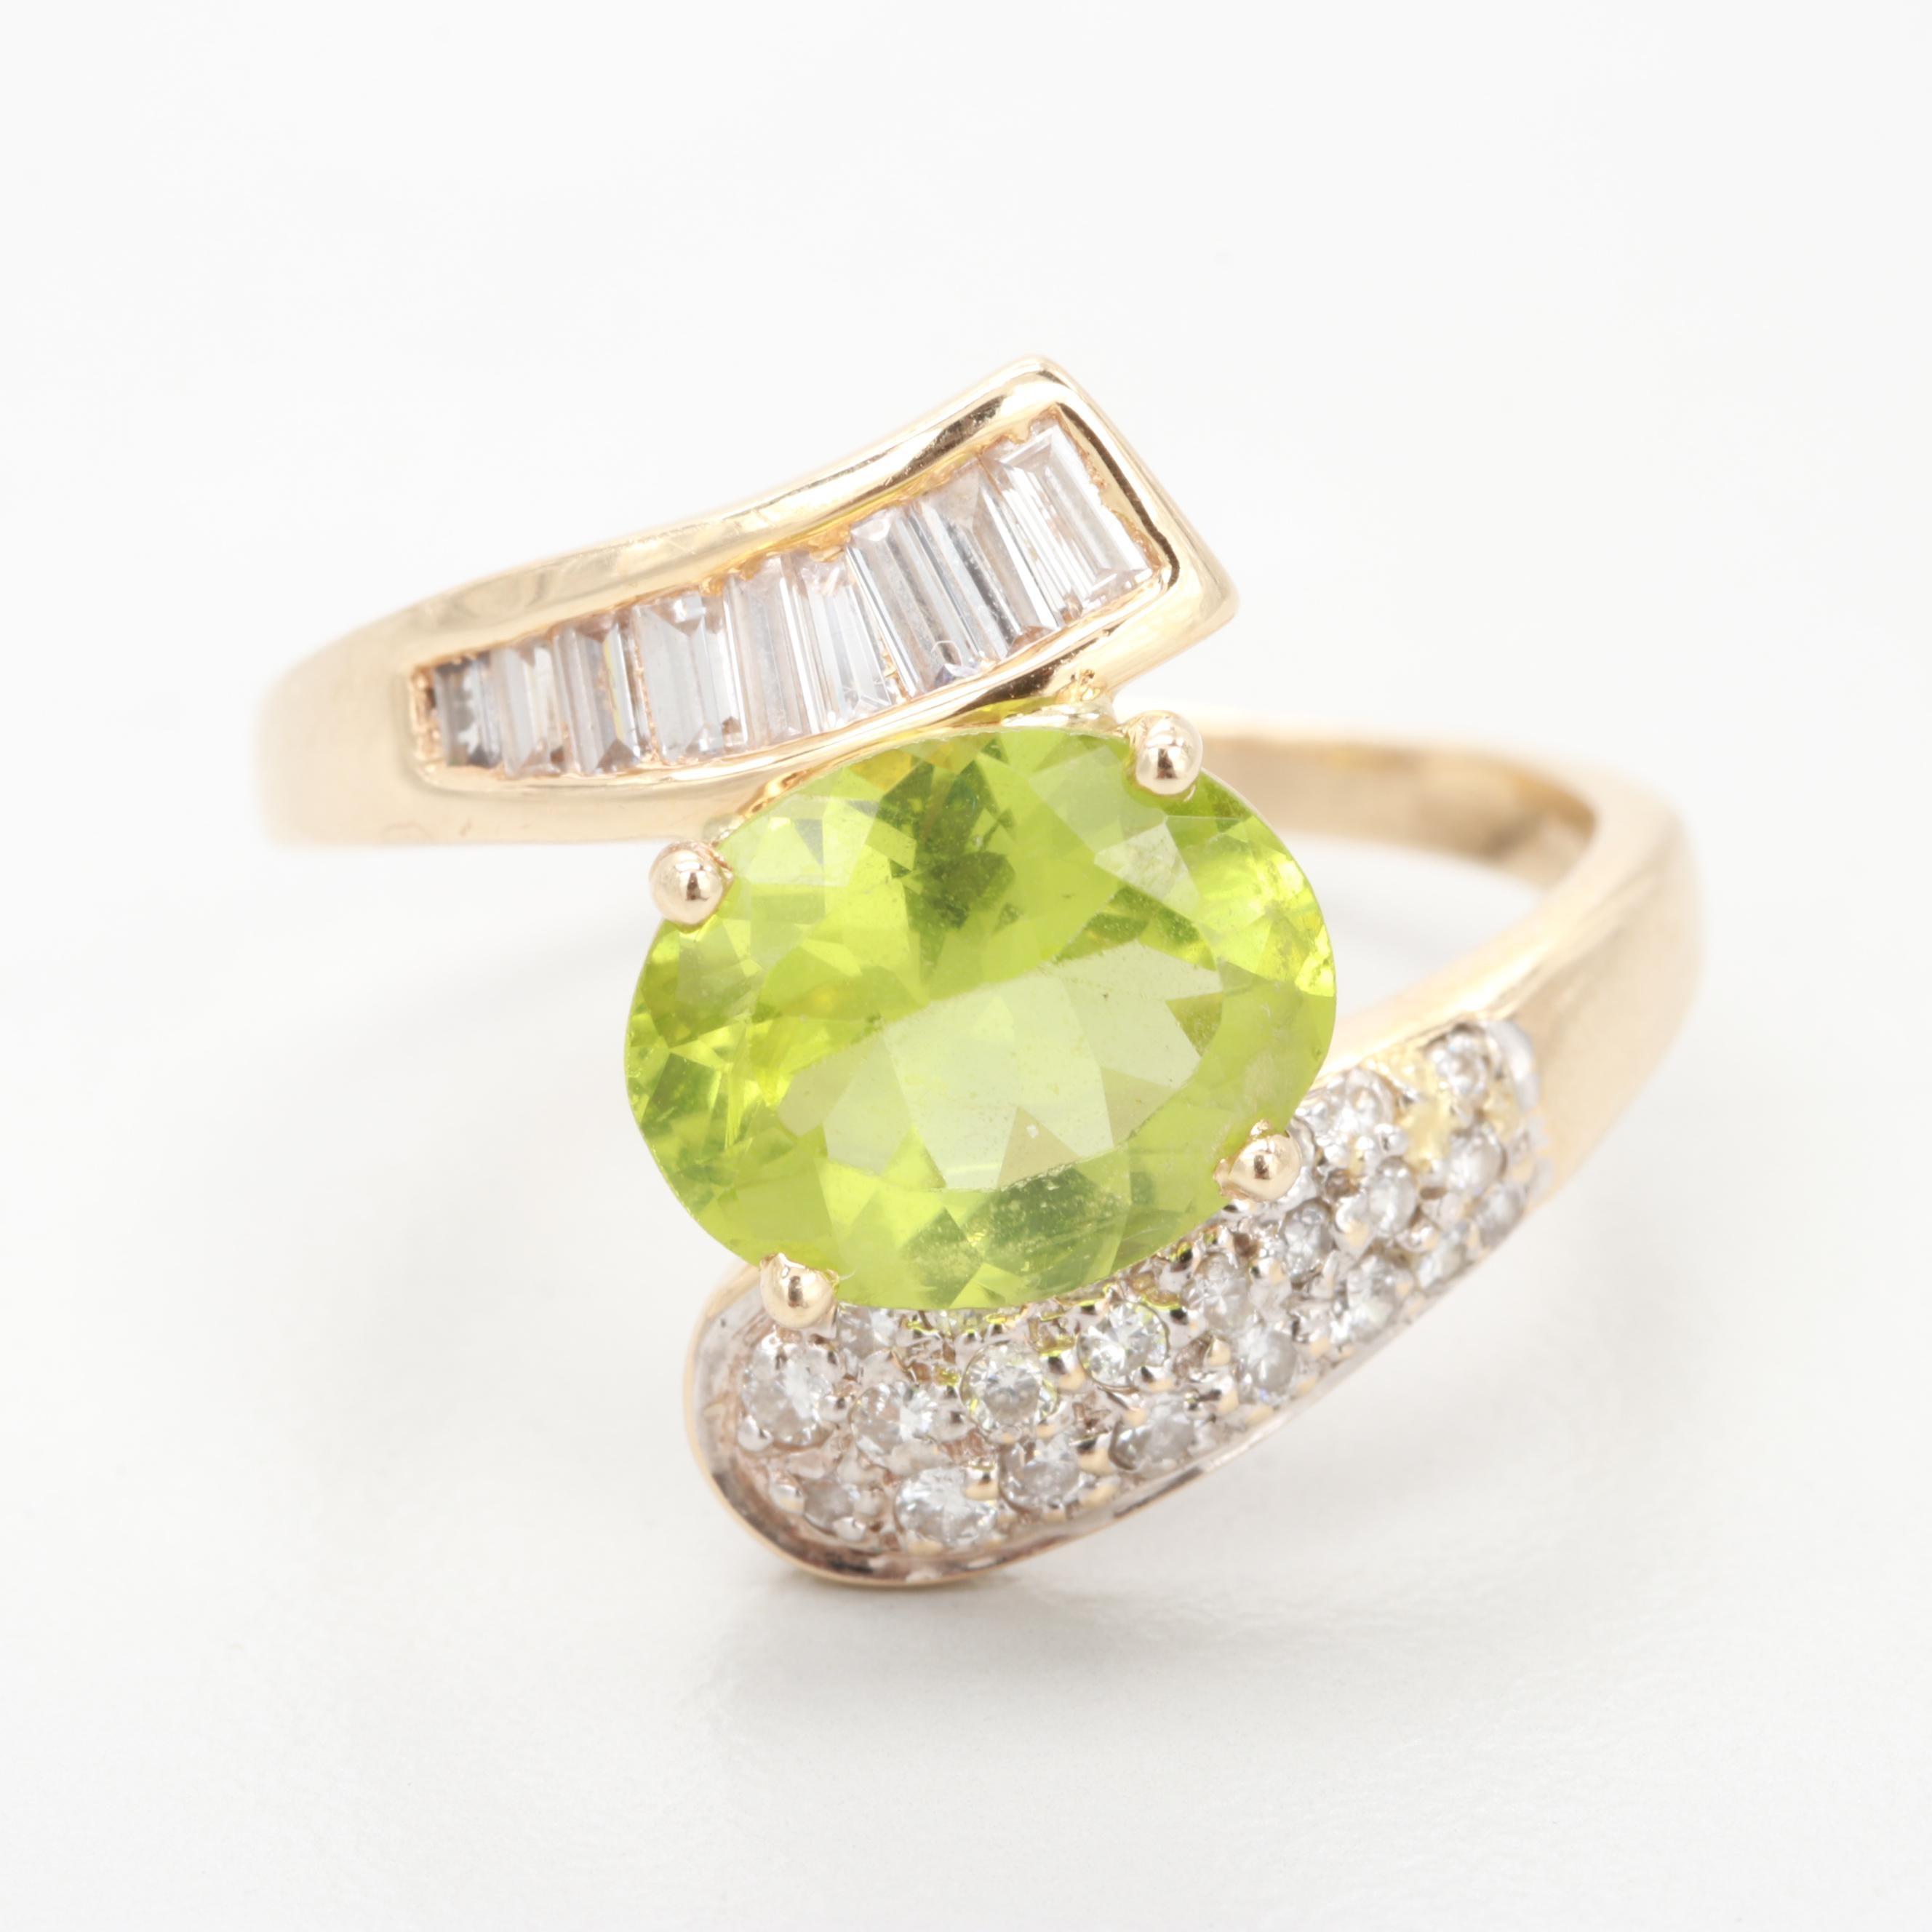 14K Yellow Gold Peridot and Diamond Bypass Ring